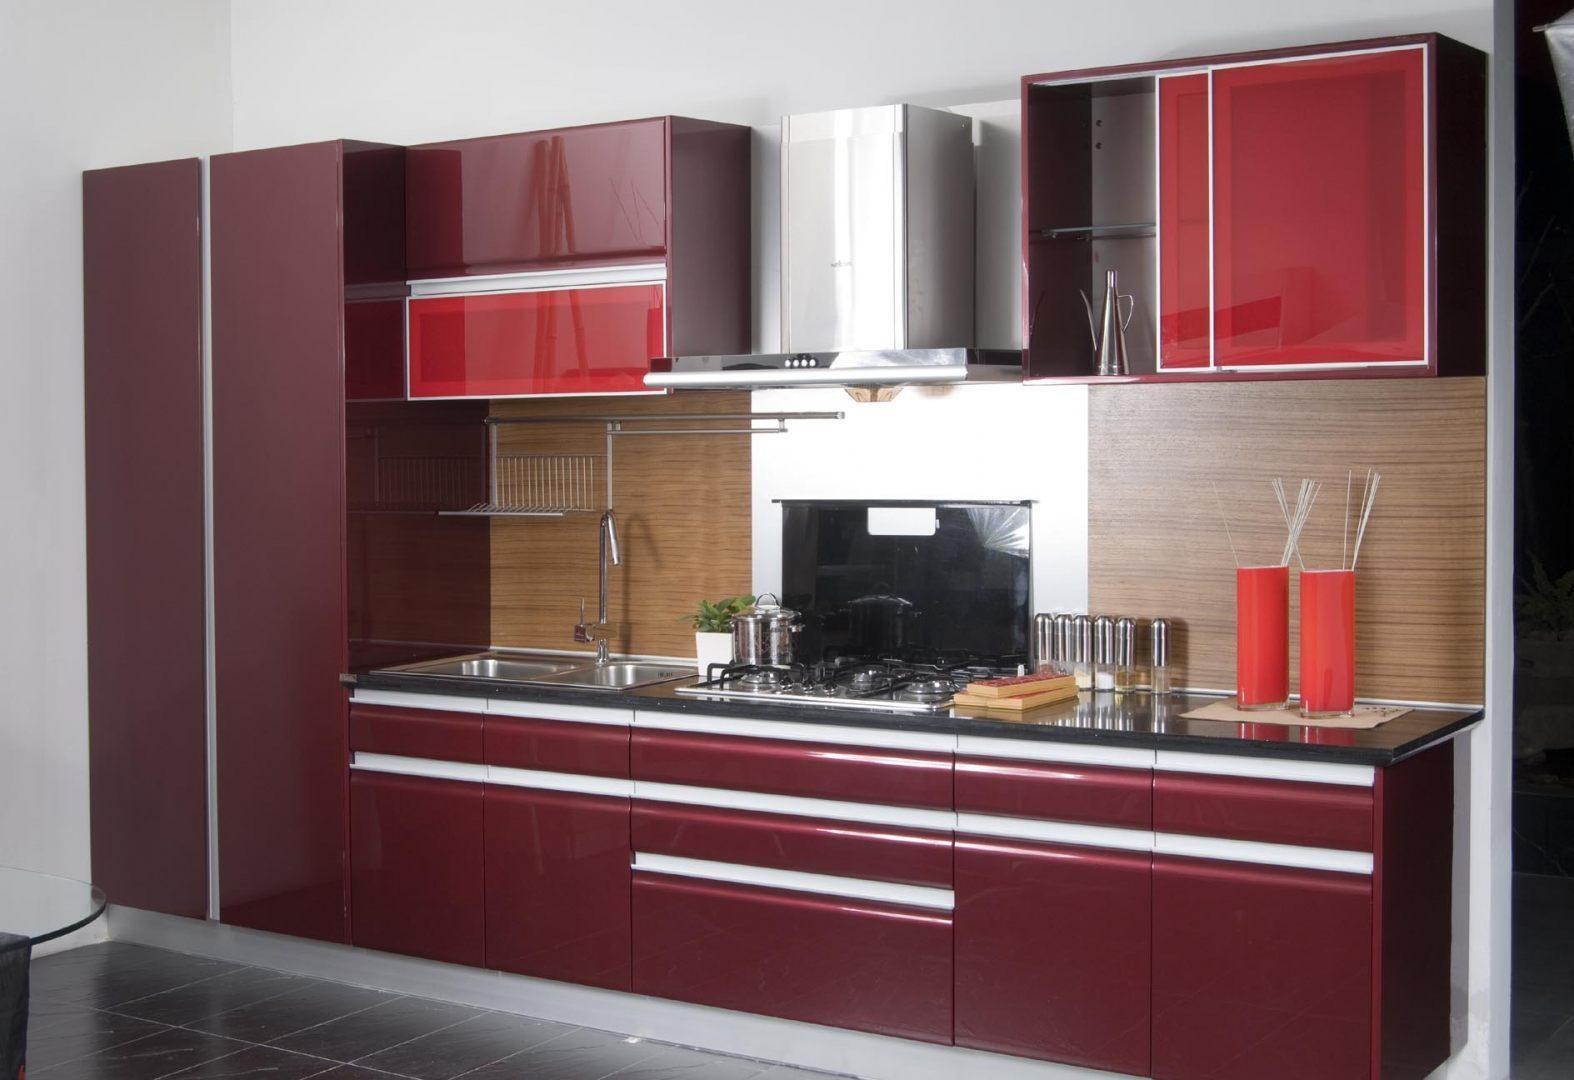 Galer a de im genes muebles de cocina for Muebles de cocina nectali